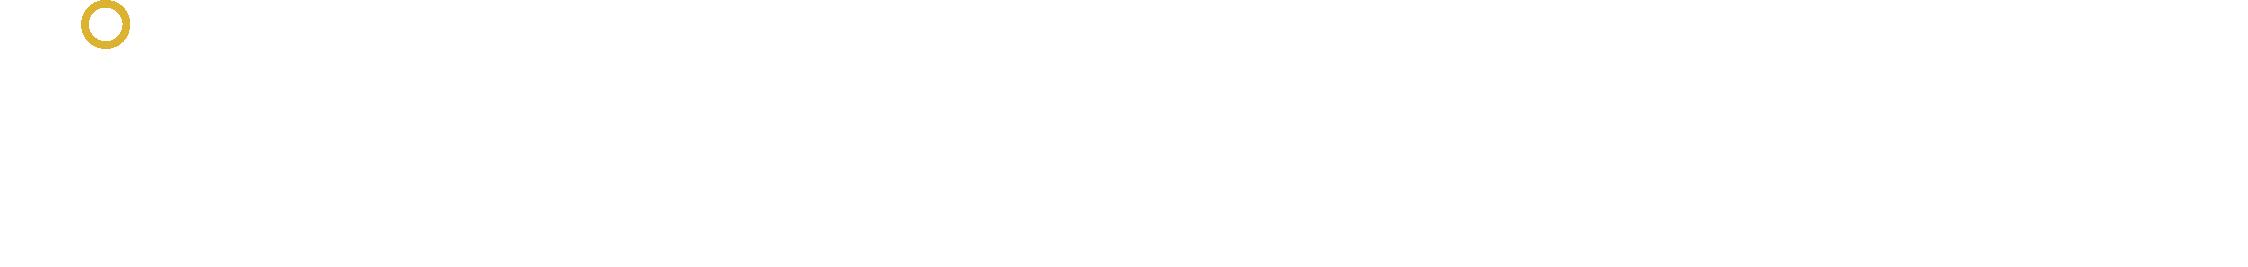 Valenture's logo